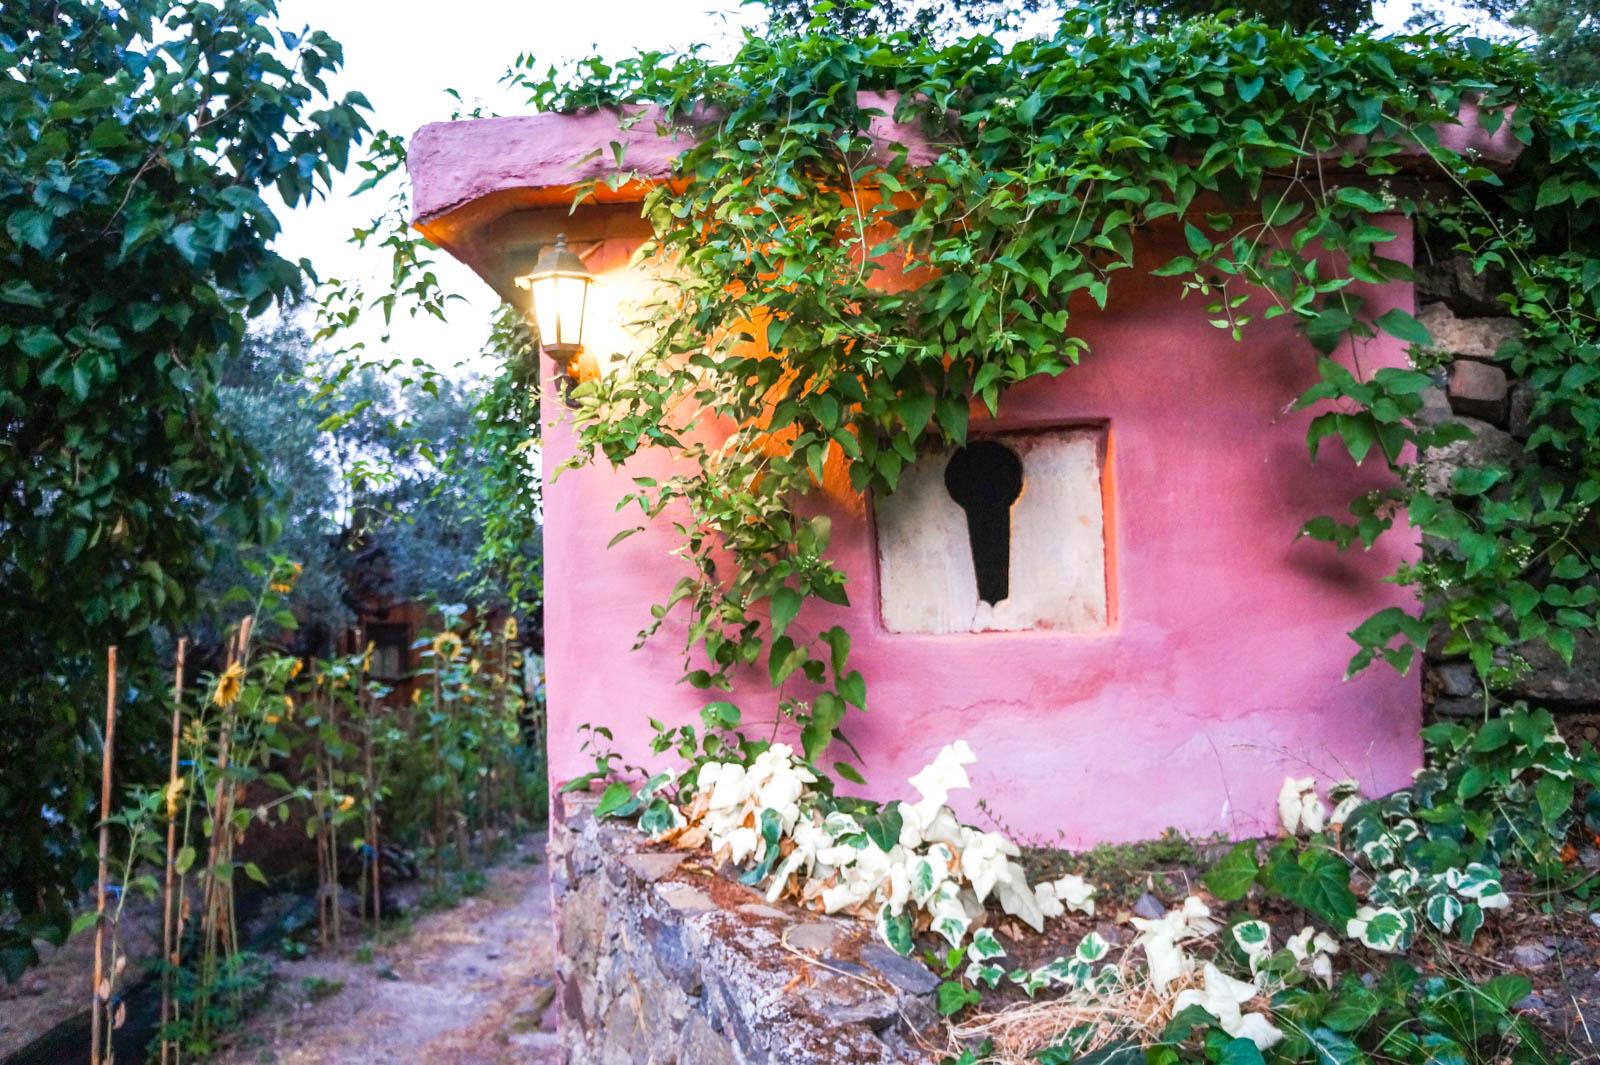 milia-crete-greece-la-vie-en-blog-all-rights-reserved-13